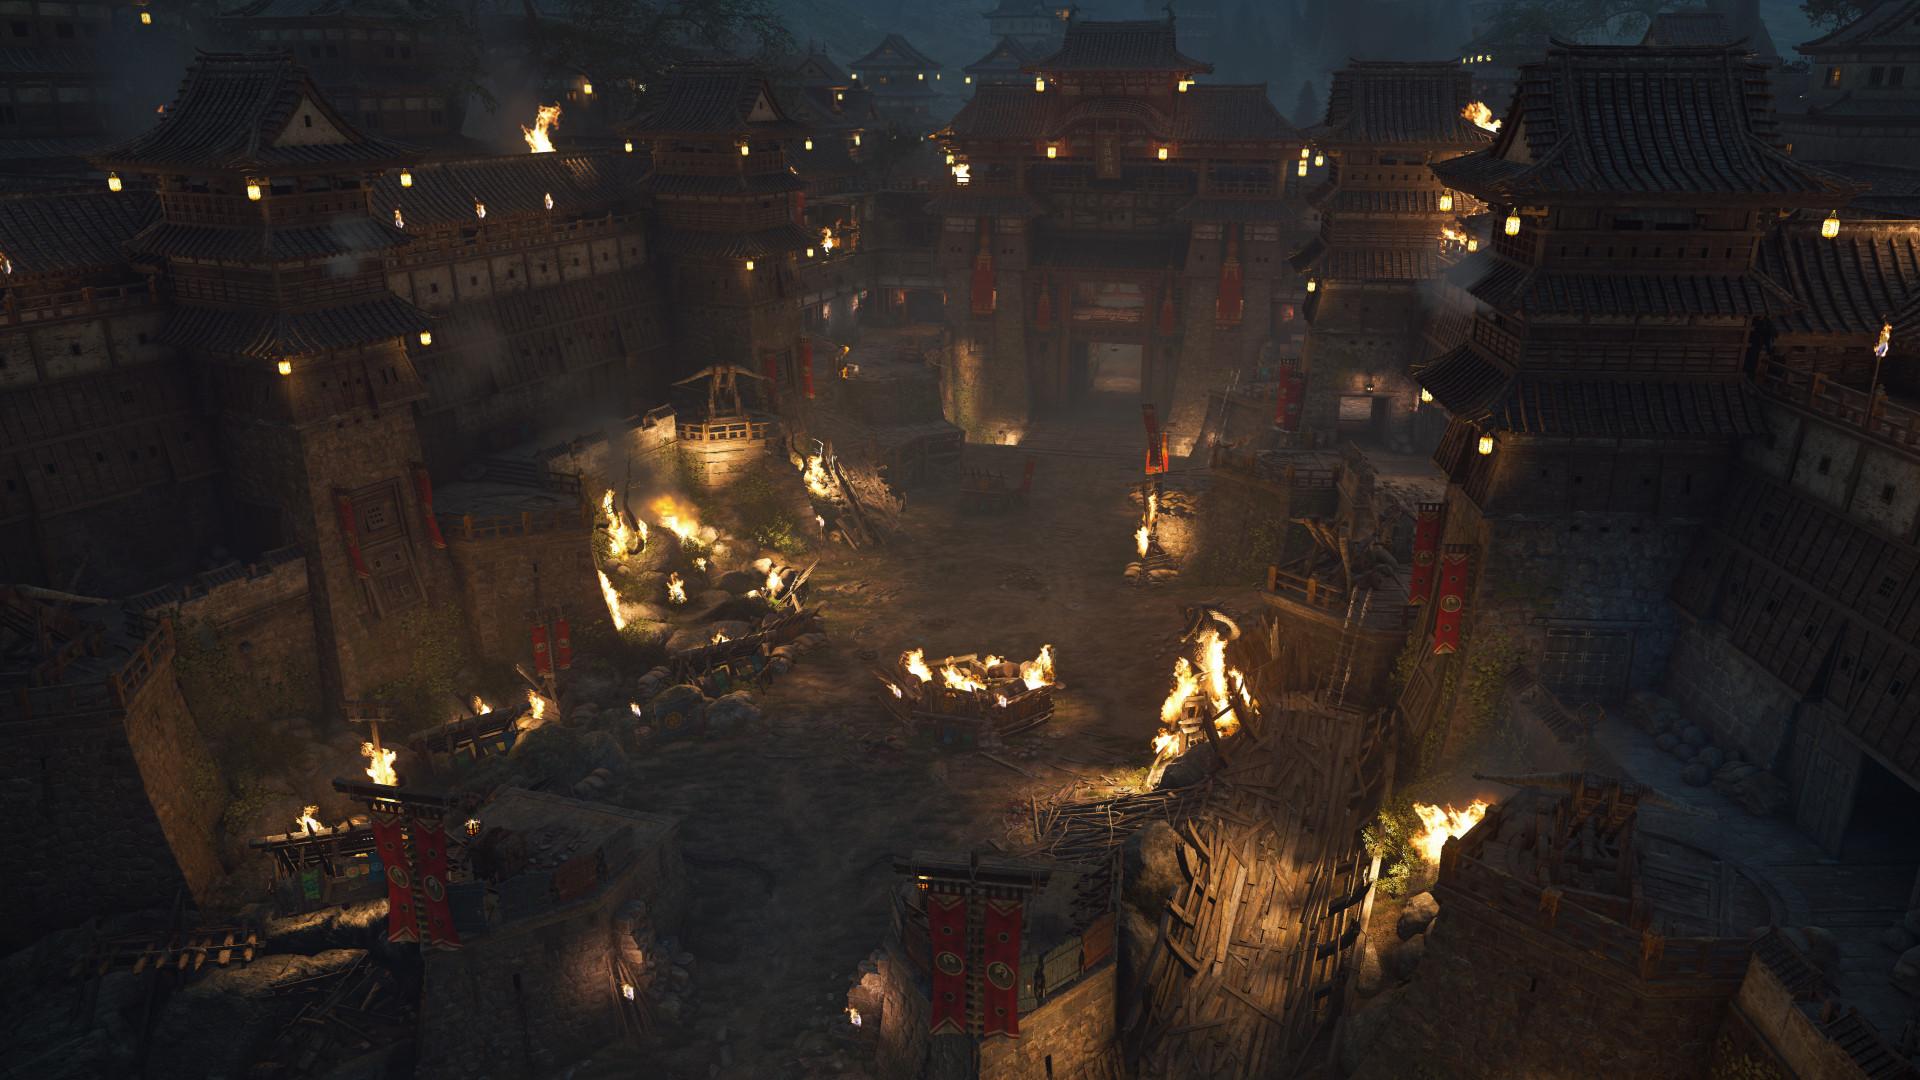 Ubisoft показала кинематографичный и геймплейный трейлеры For Honor. Оба посвящены новому контенту